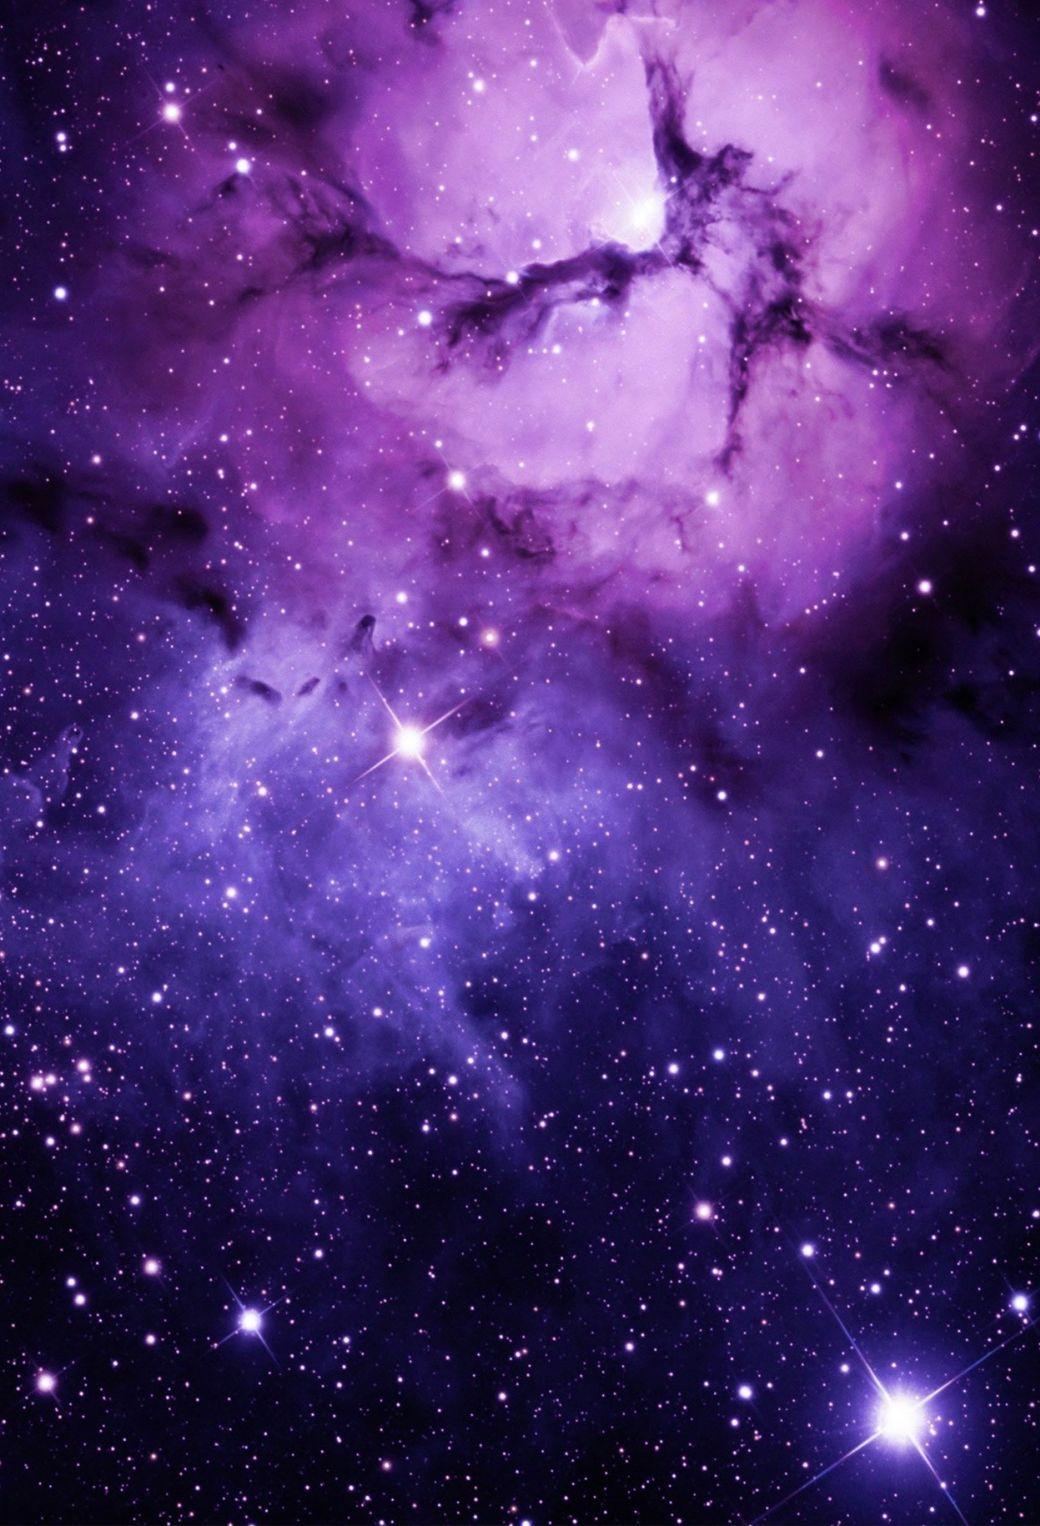 Best Wallpaper High Quality Purple - 7615a8d0c6d0d2967764625d7ca1a237  Trends_607051.jpg